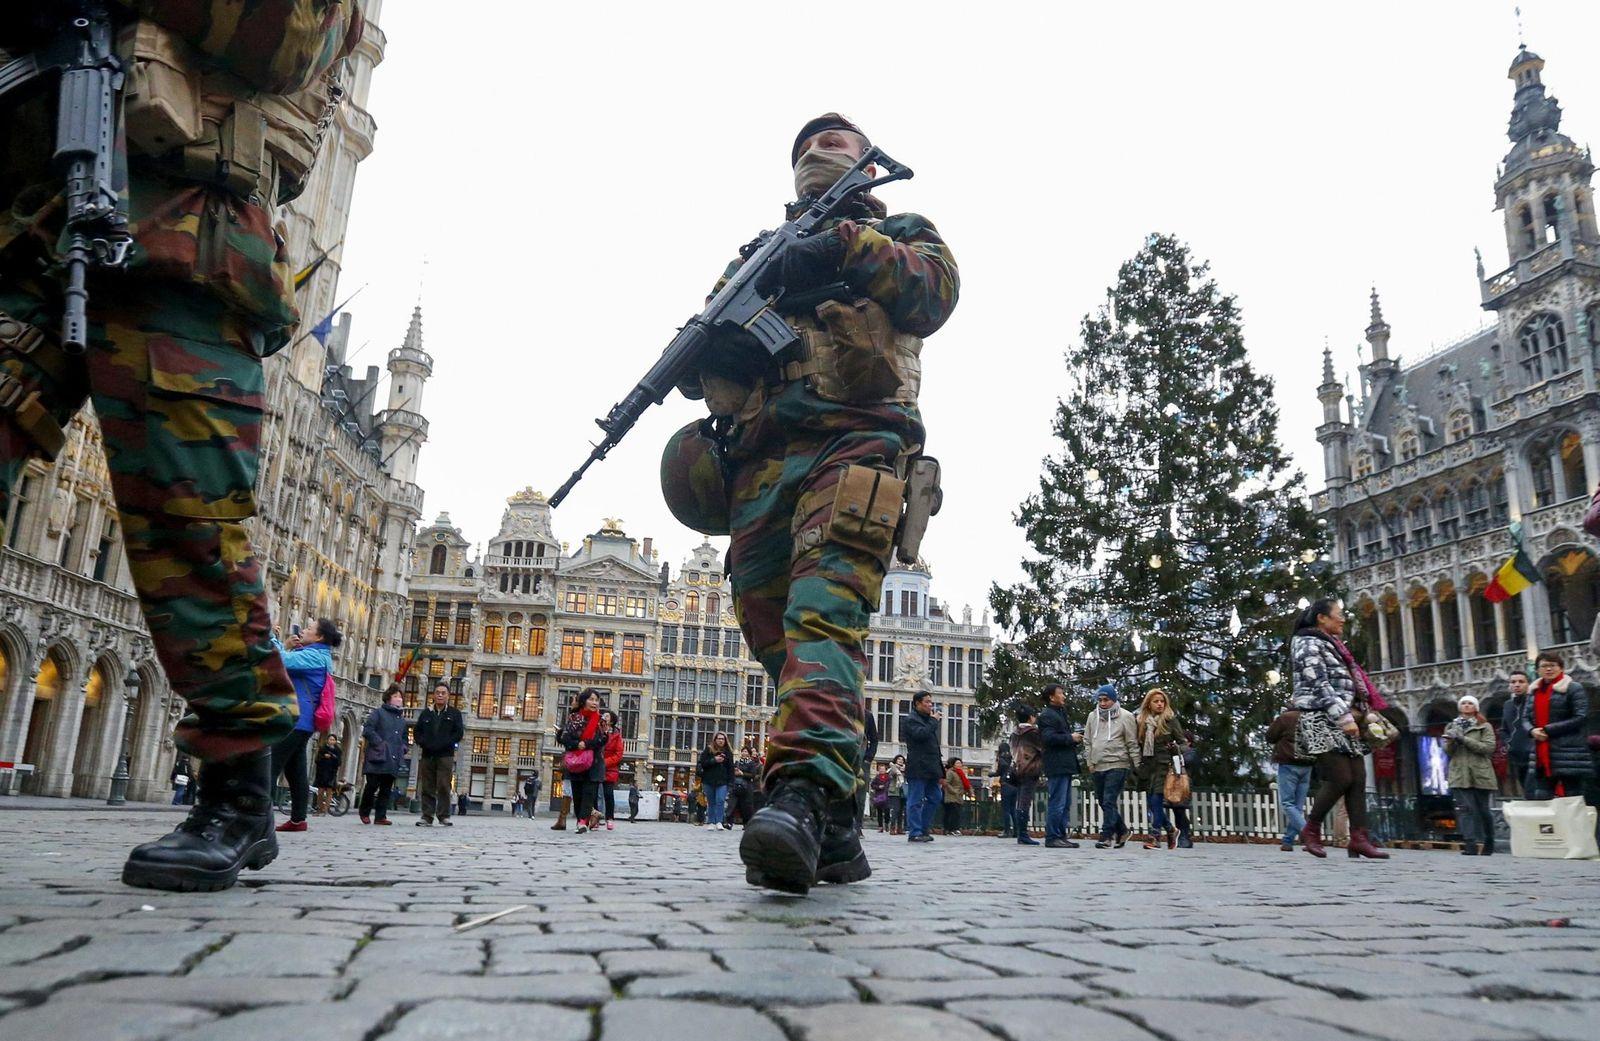 Foto: Soldados belgas patrullan el Winter Wonders, un mercado navideño instalado en el centro de Bruselas, el 27 de noviembre de 2015. (Reuters)